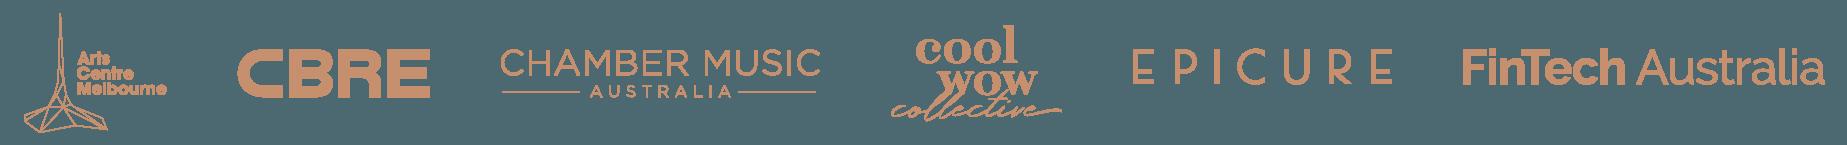 Client logos: Arts Centre Melbourne, CBRE, Chamber Music Australia, Cool Wow Collective, Epicure FinTech Australia